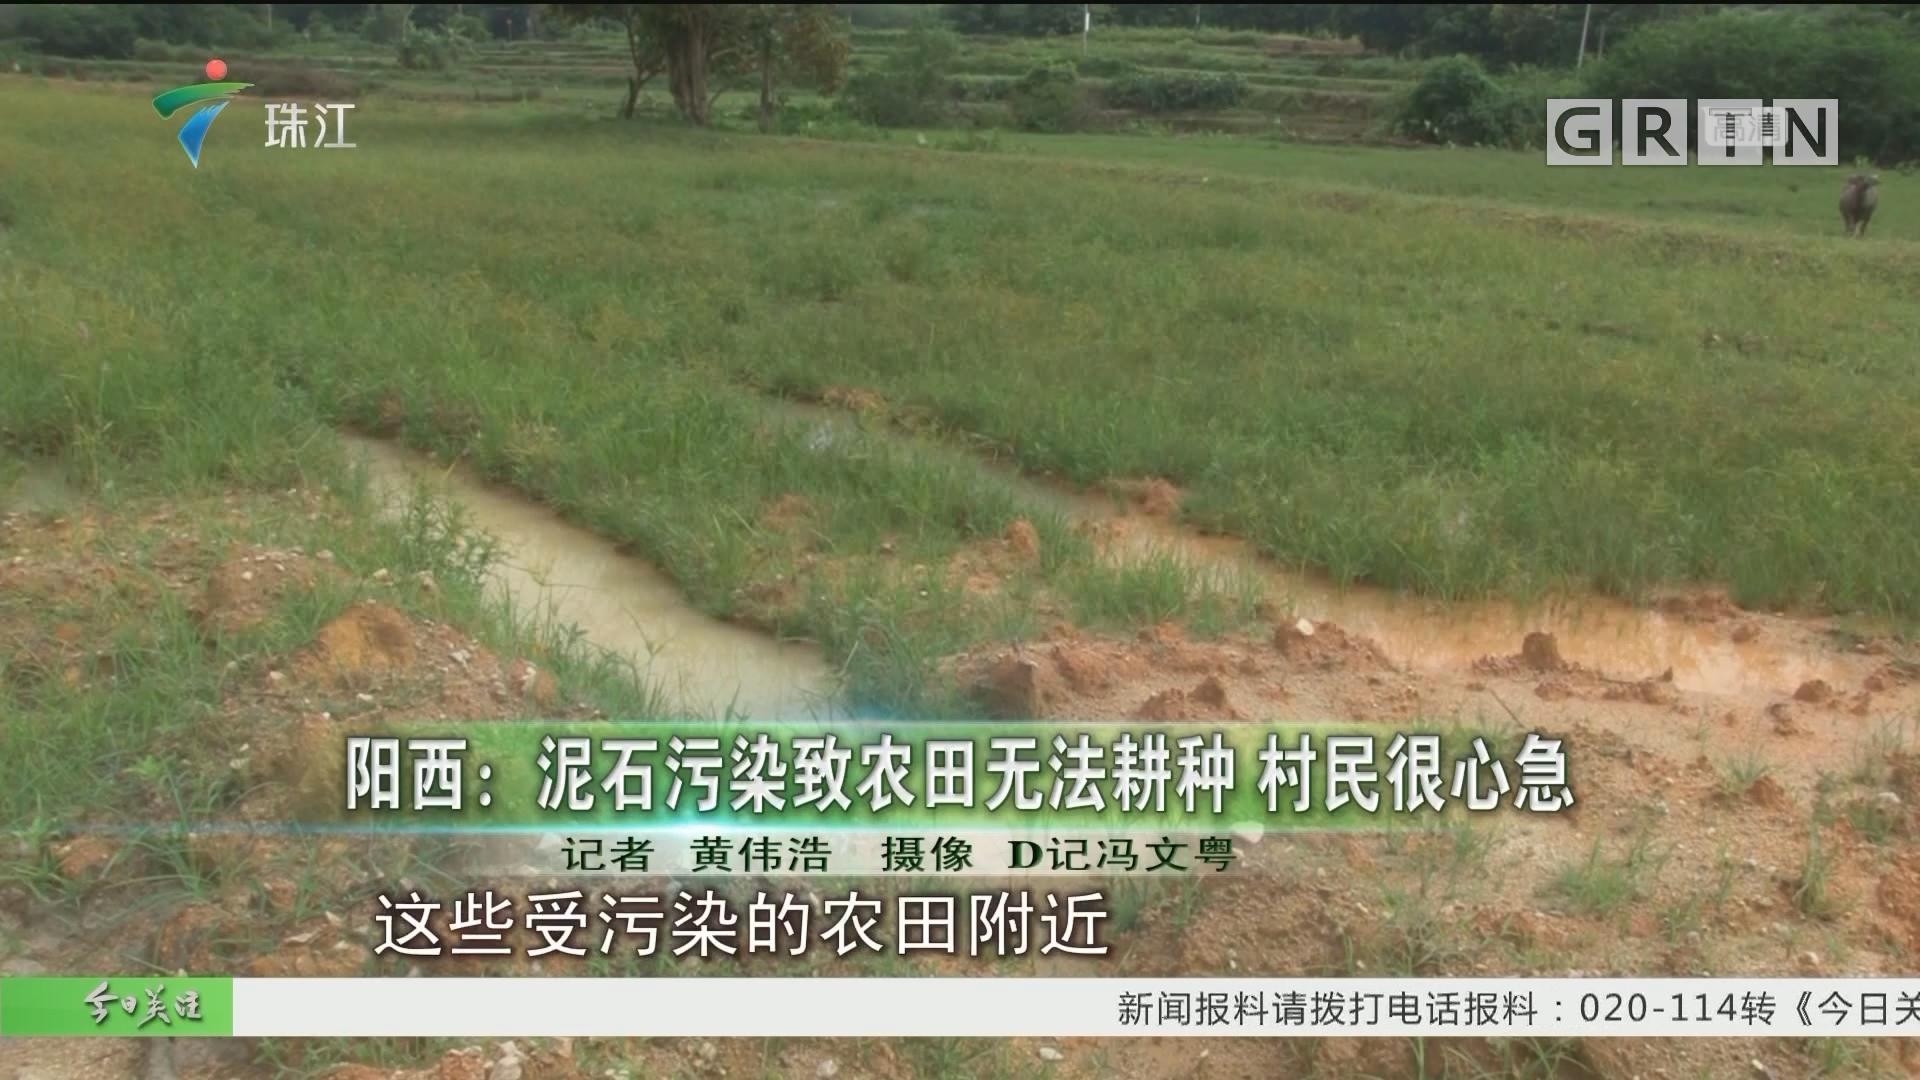 阳西:泥石污染致农田无法耕种 村民很心急